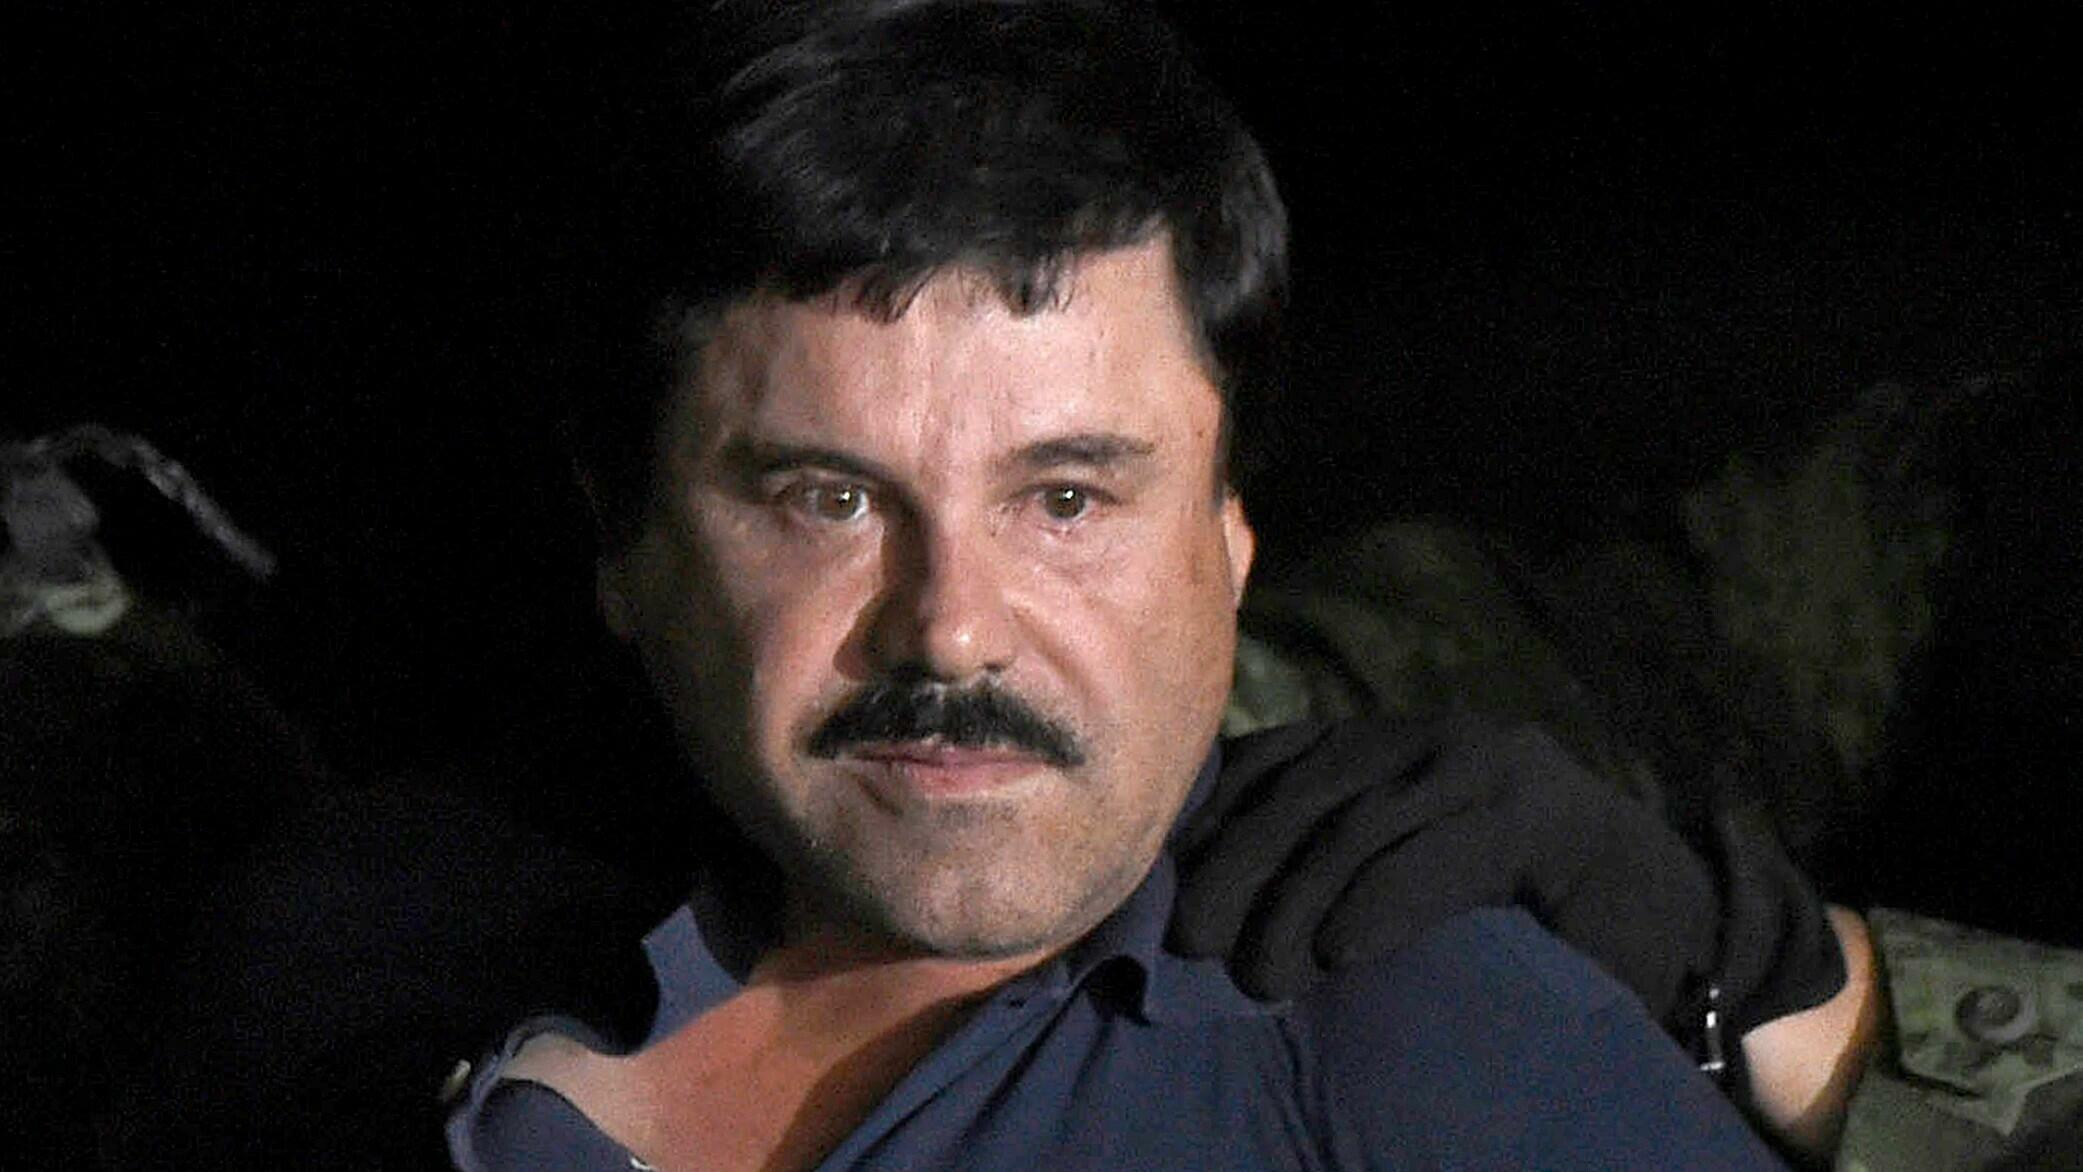 """El narcotraficante Joaquín """"El Chapo"""" Guzmán es escoltado a un helicóptero en el aeropuerto de la Ciudad de México el 8 de enero de 2016 luego de su recaptura durante una intensa operación militar en Los Mochis, en el estado de Sinaloa. Foto de archivo."""